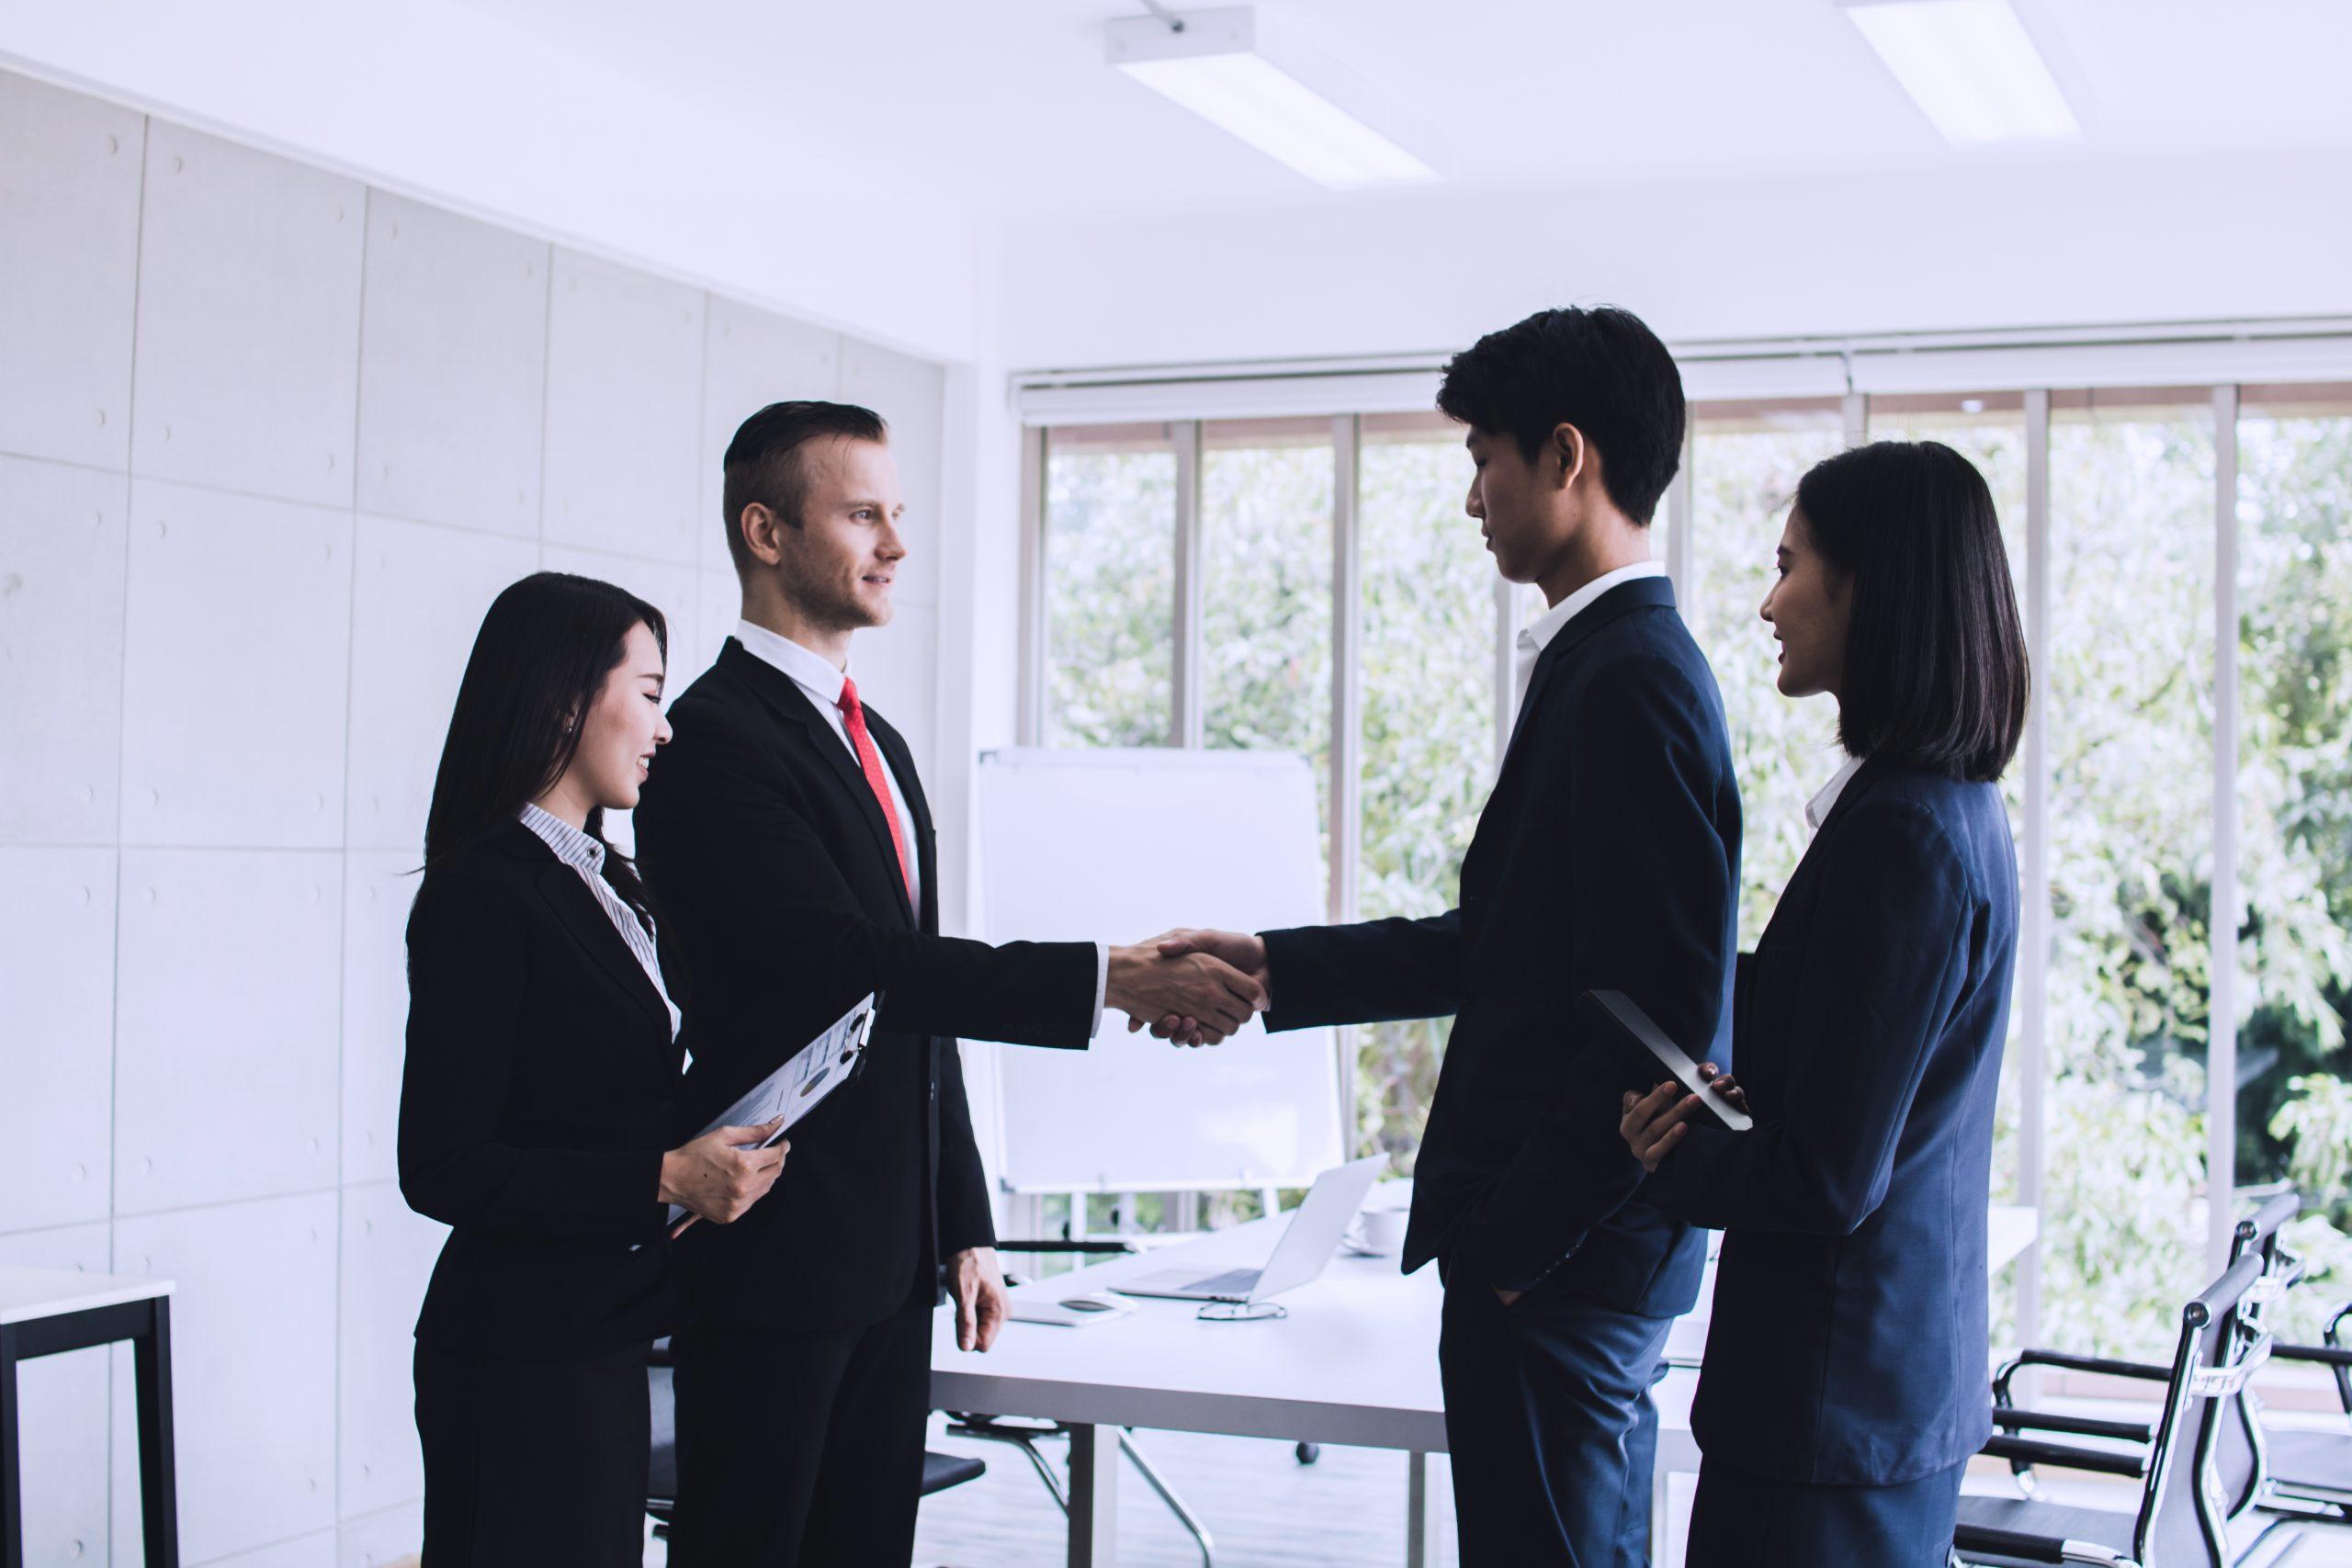 锻练商务语言技能的五个技巧